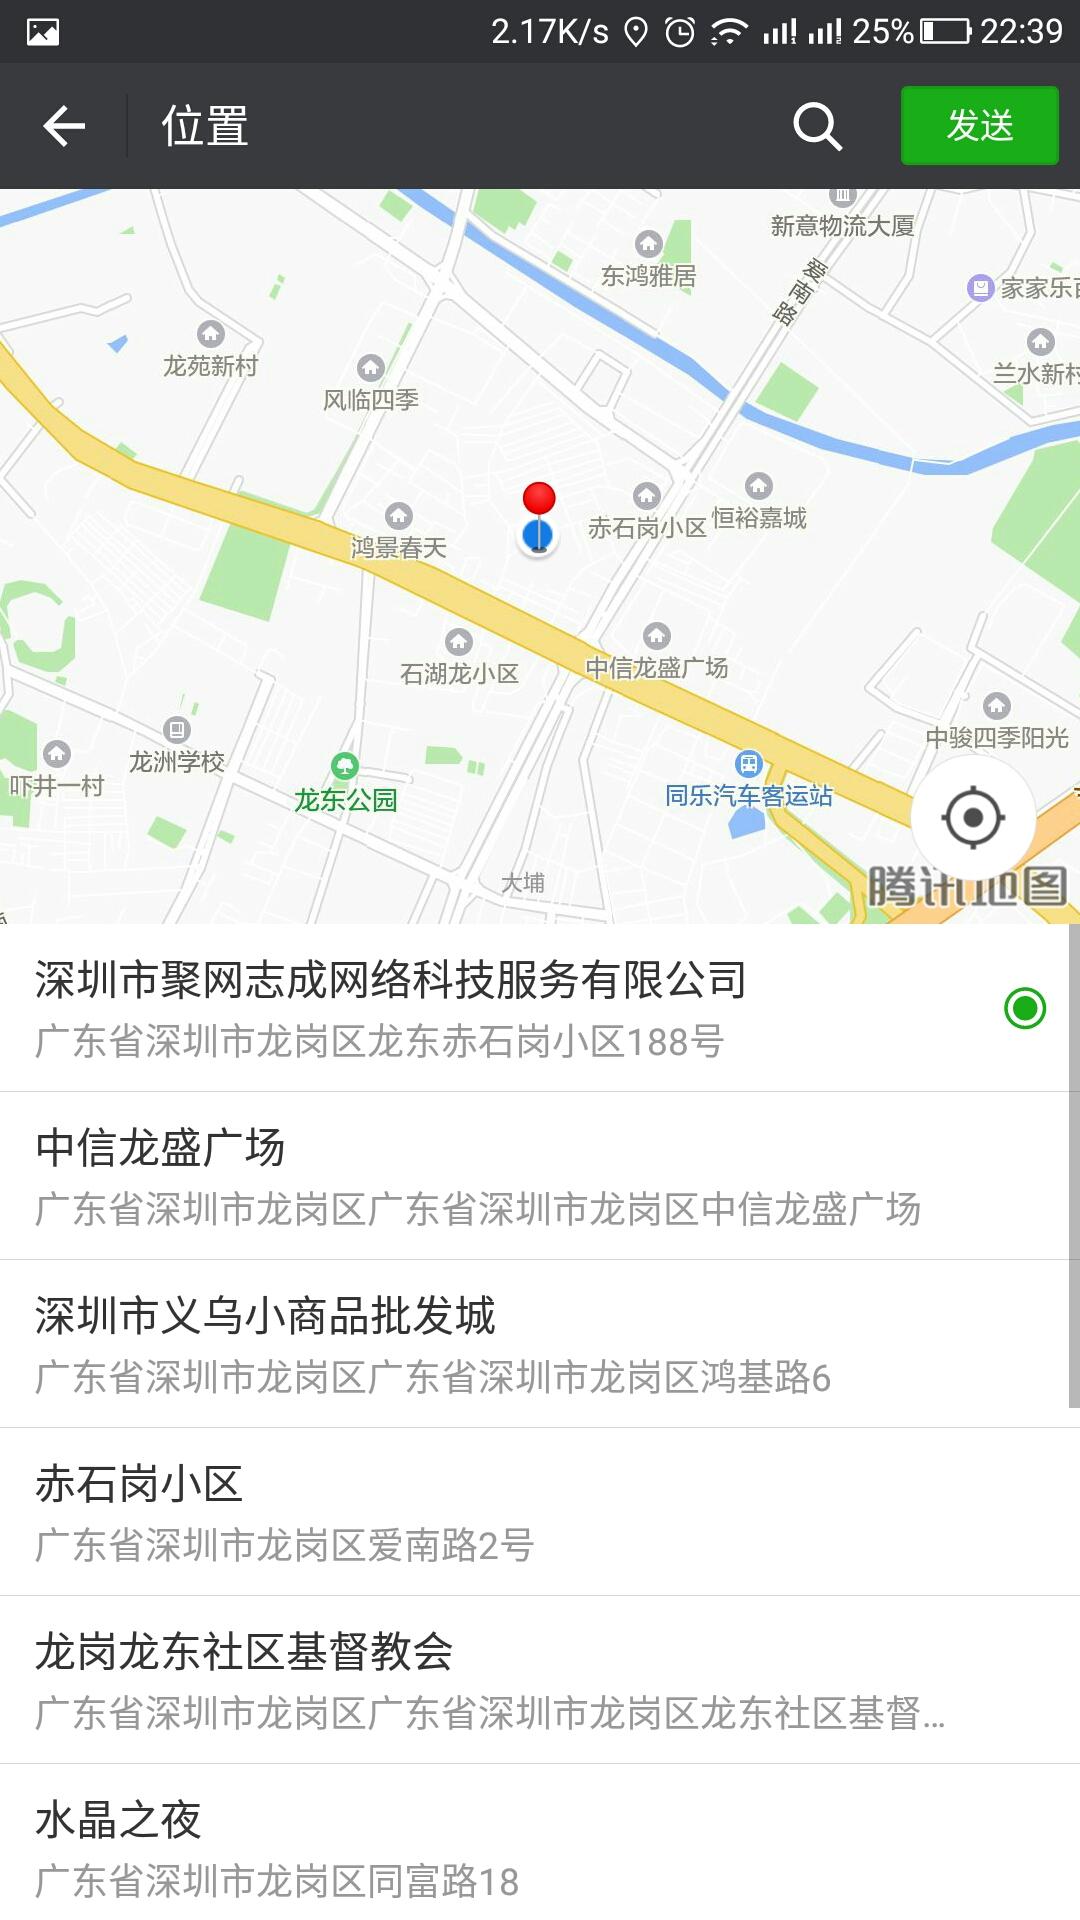 Screenshot_2018-01-17-22-39-56.jpg